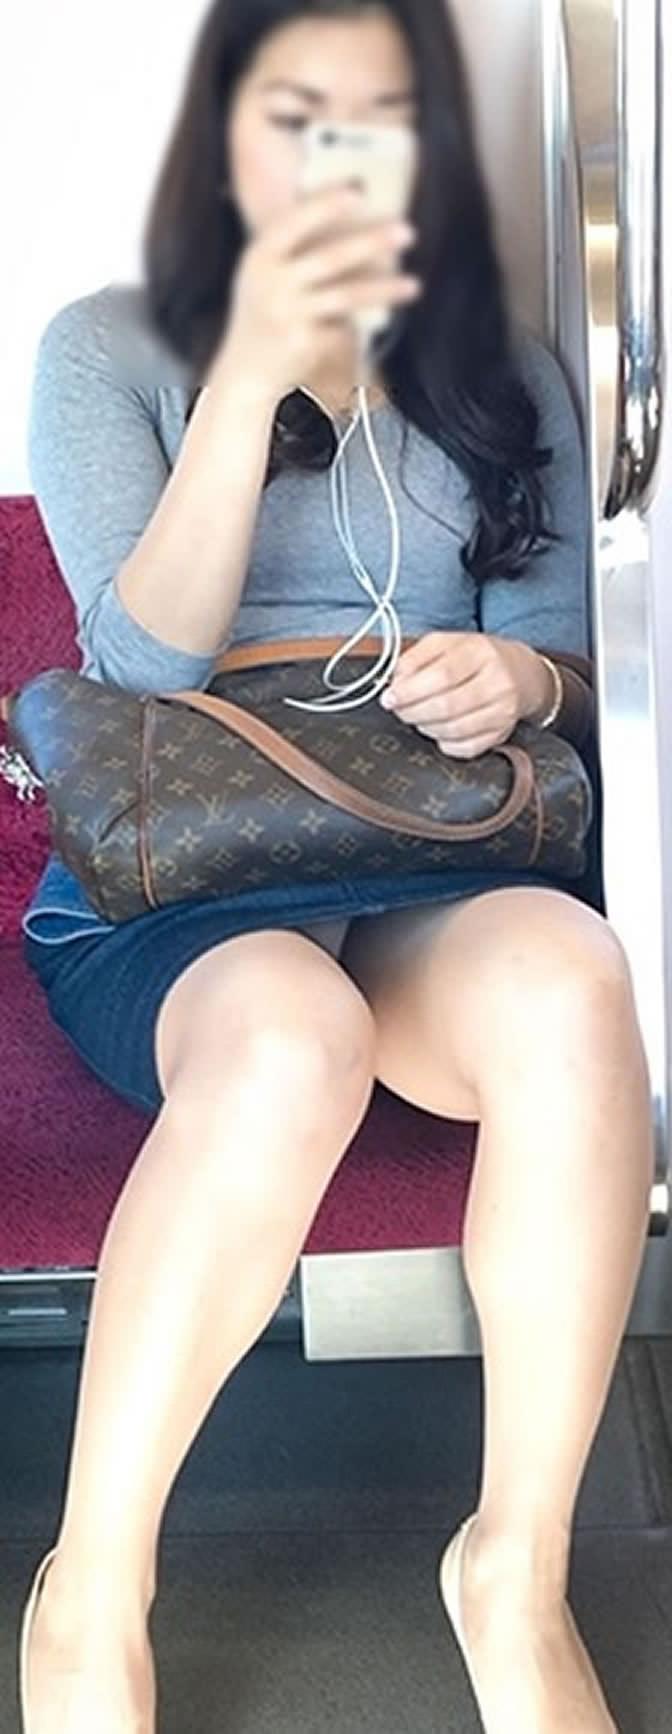 【電車内盗撮エロ画像】電車内でパンチラしている女子見つけたから撮ったったw 43